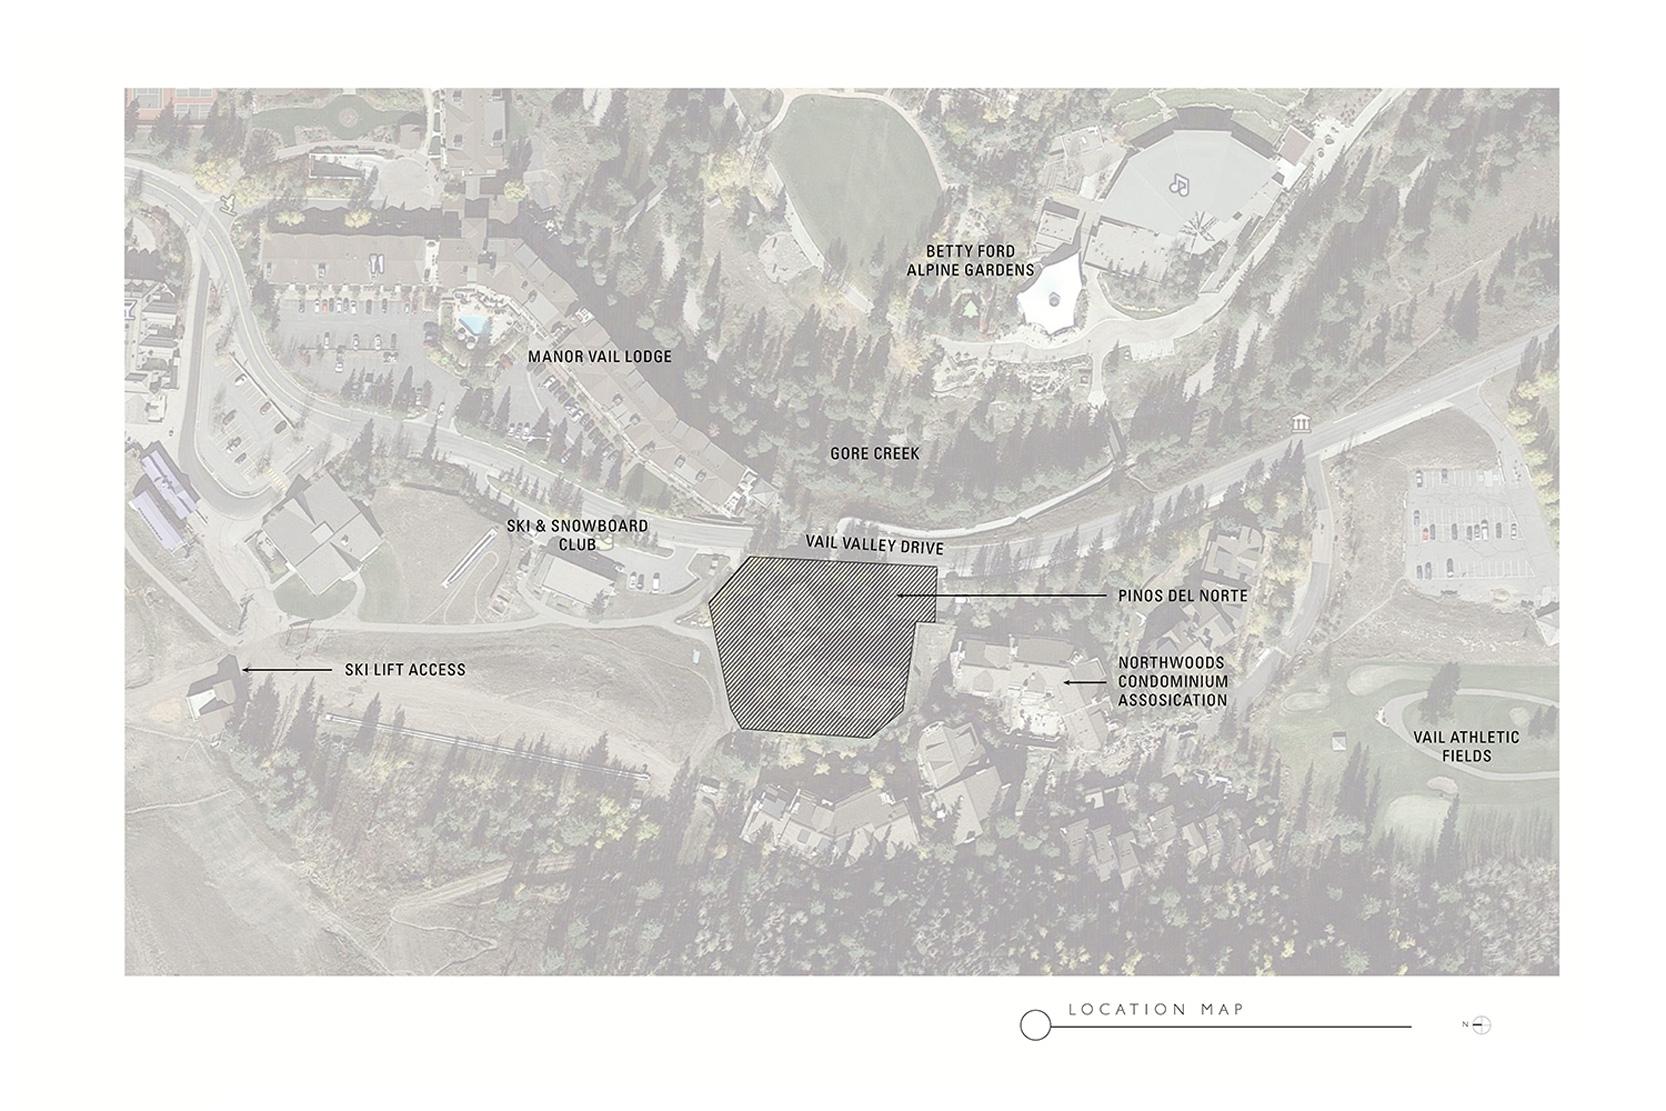 Pinos Del Norte - Vision, Vail Colorado